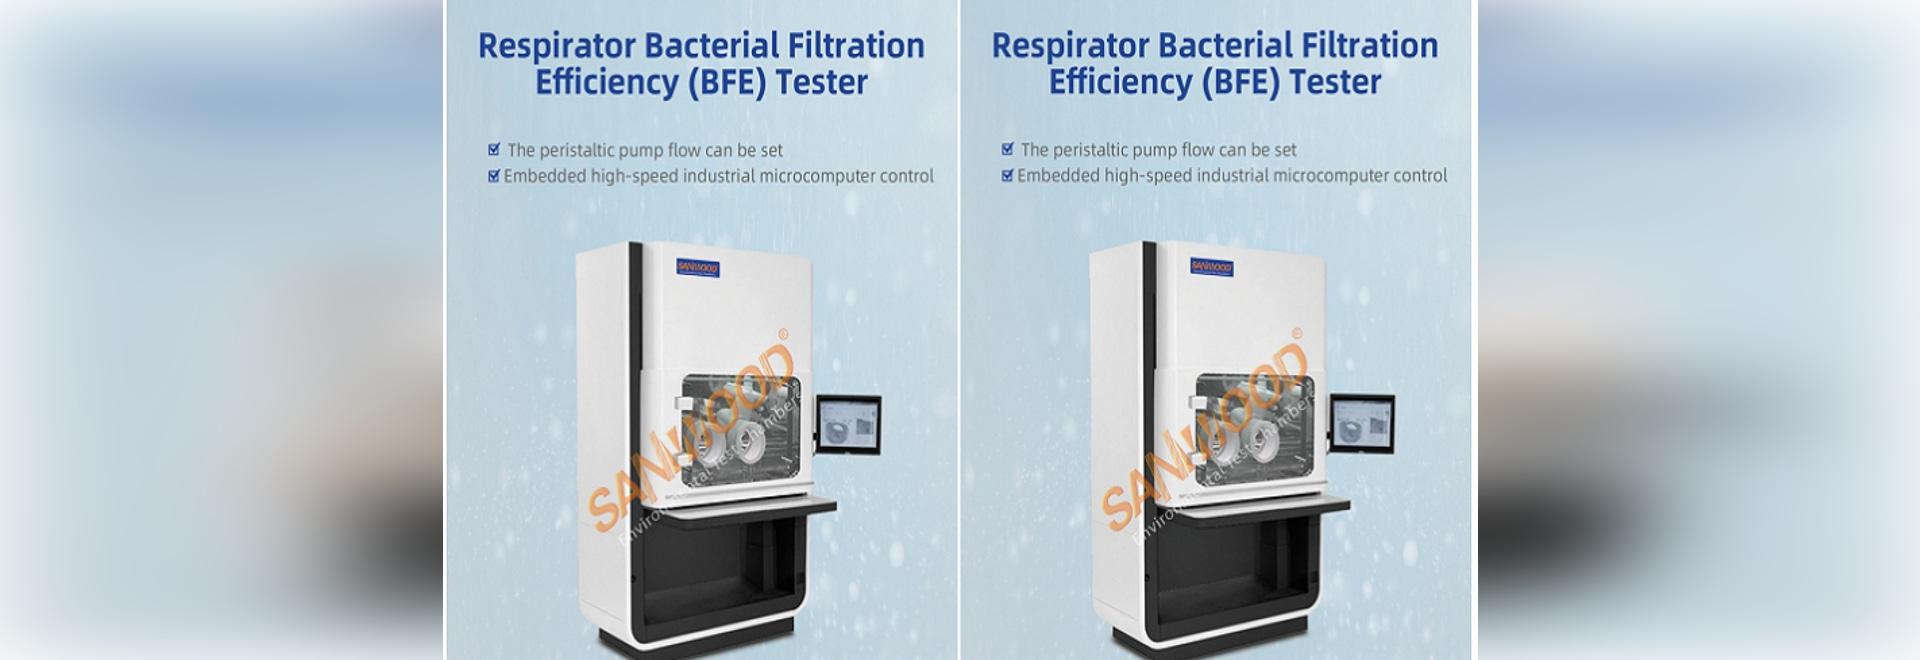 Testeur de l'efficacité de la filtration bactérienne des appareils respiratoires (BFE)